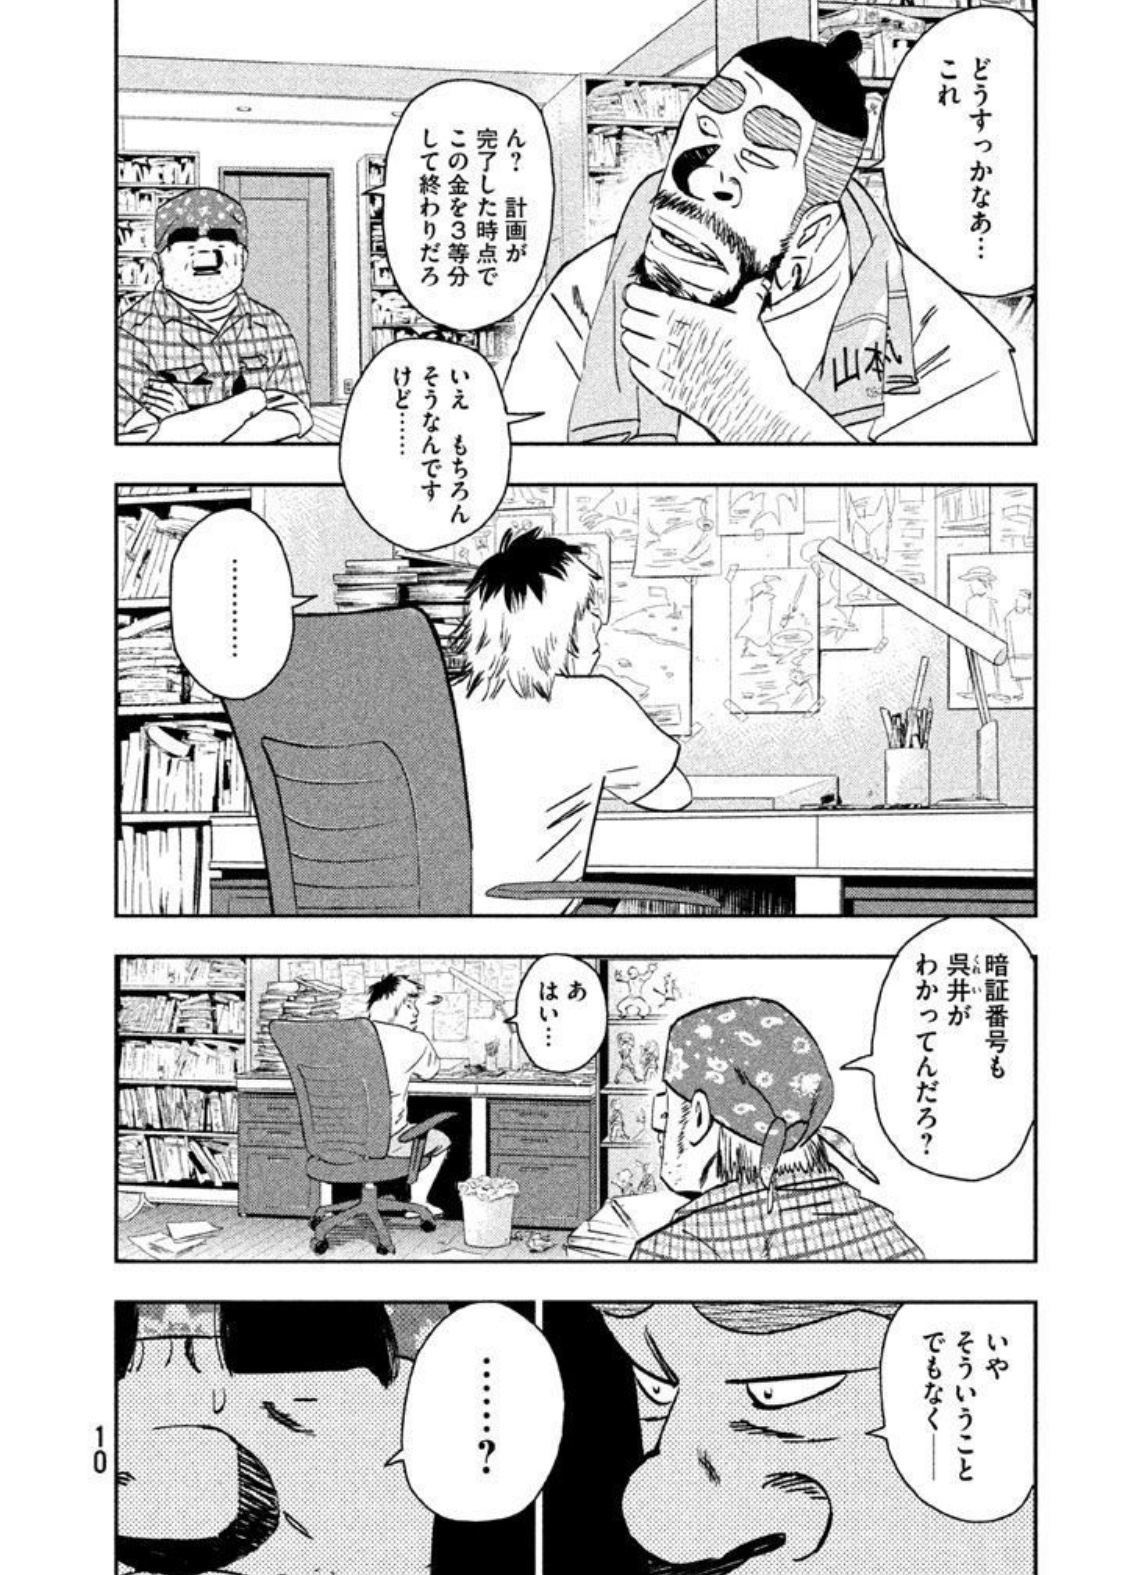 漫画『ミリオンジョー』2巻の見所をネタバレ紹介!